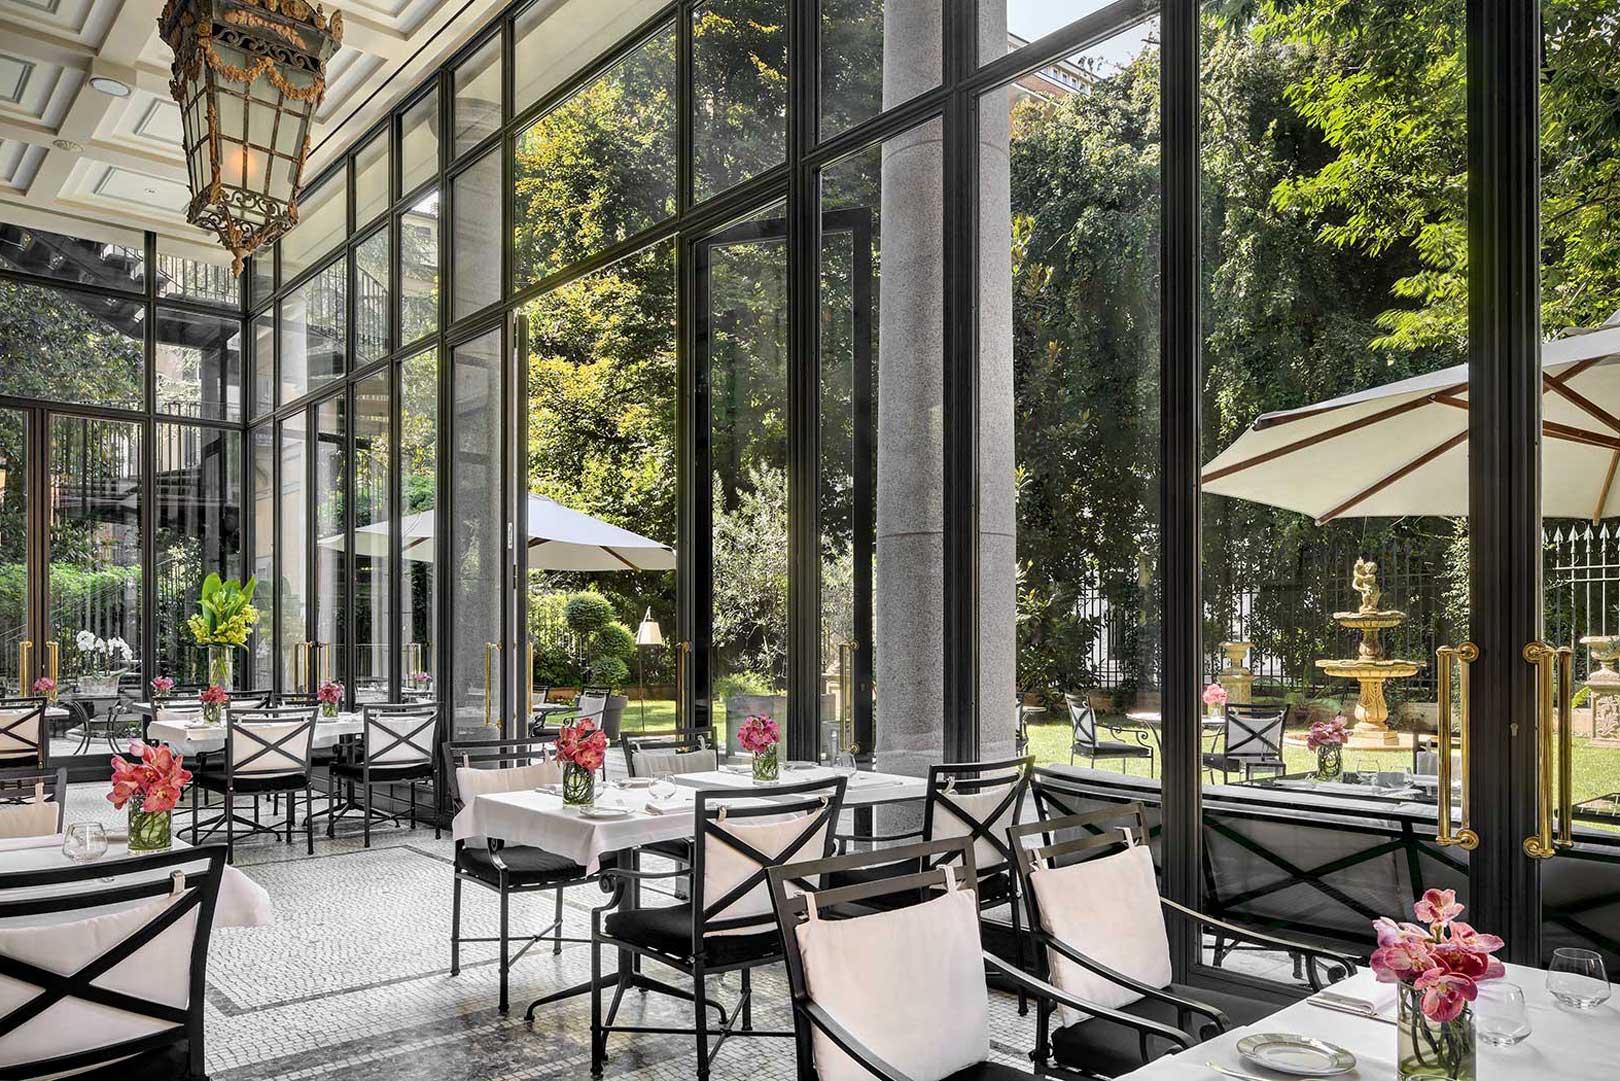 I migliori ristoranti con giardino di Milano  Flawless Milano